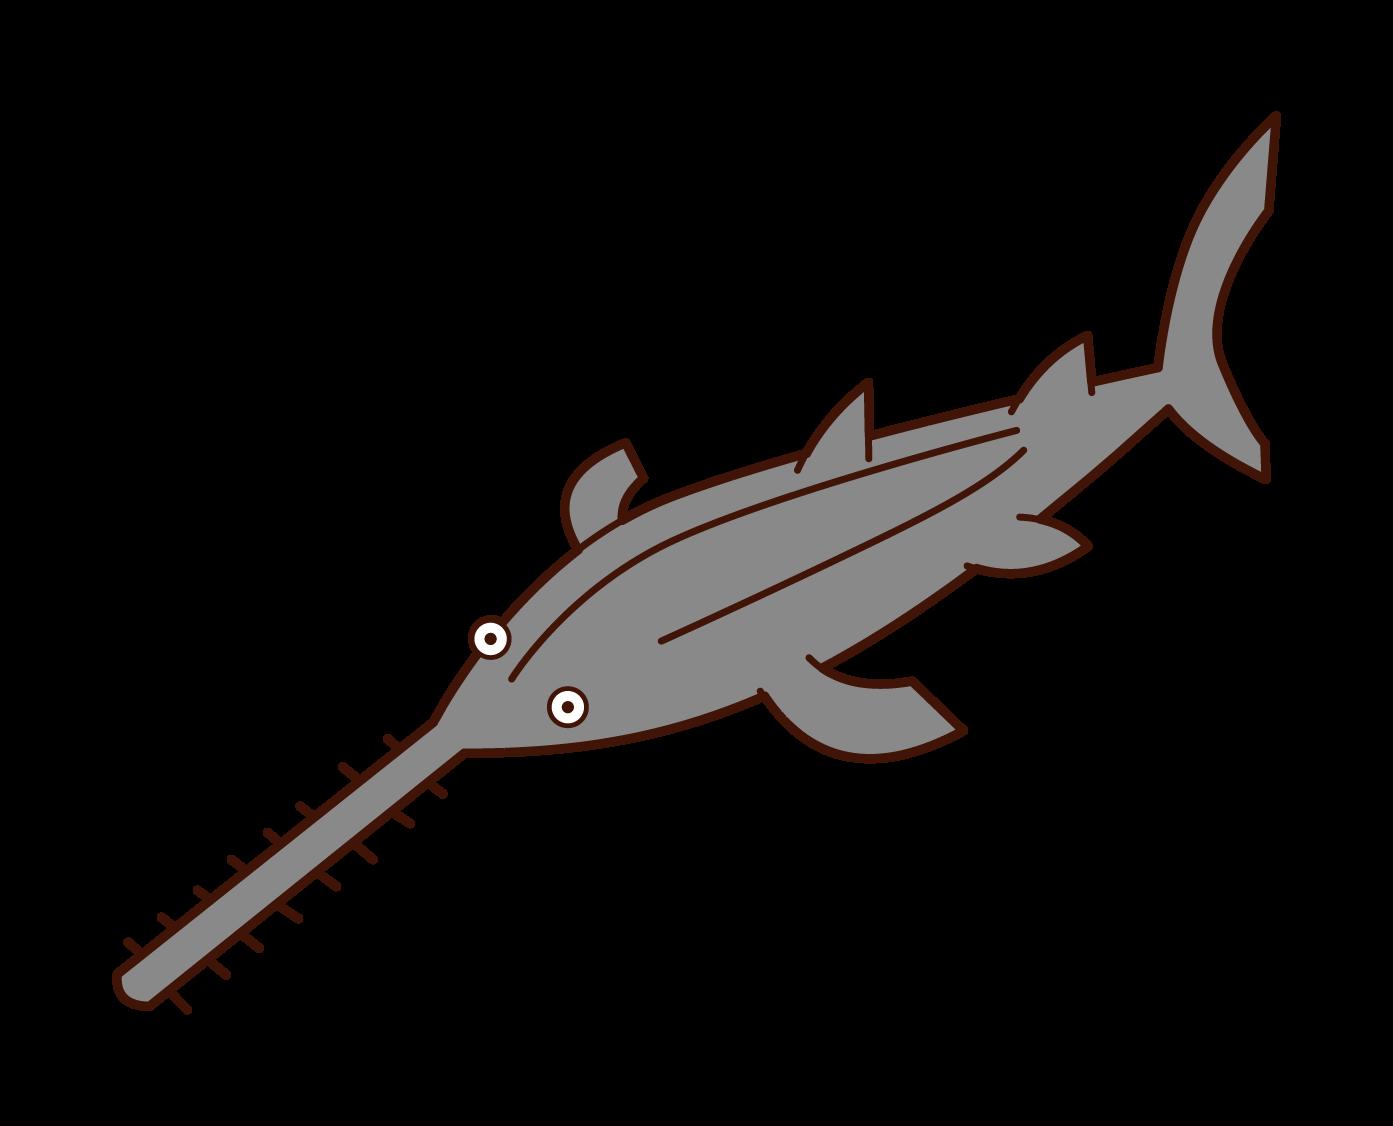 ノコギリザメのイラスト